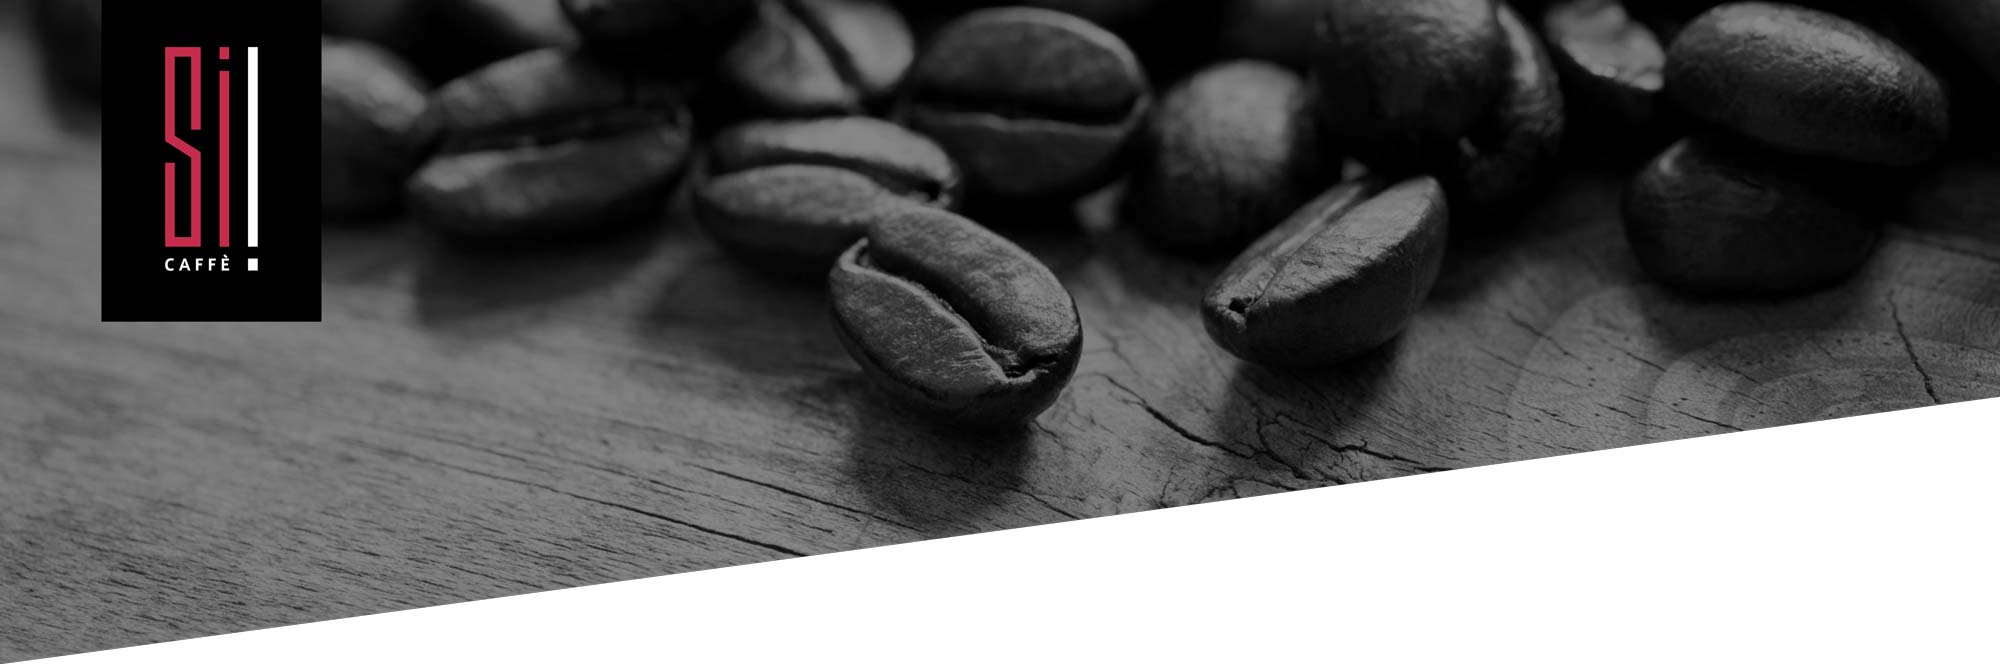 si-caffe-brueckenseite